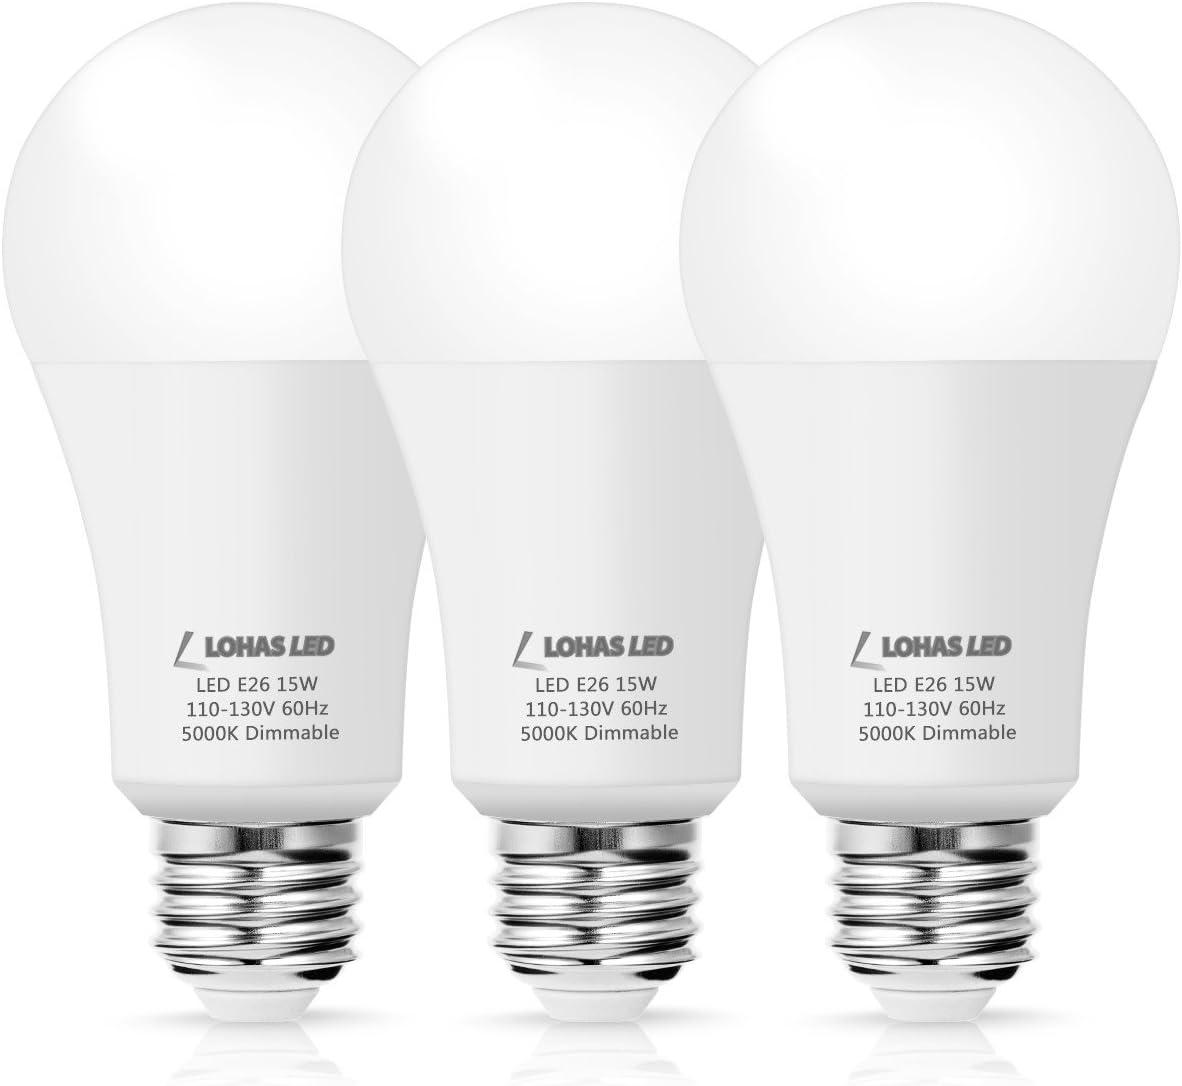 LOHAS LED Dimmable A19 Light Bulb with Daylight White (5000K), 15 Watt  (100Watt Equivalent) E26 Base LED, 1380 High Intensity Kitchen Light,  Energy ...